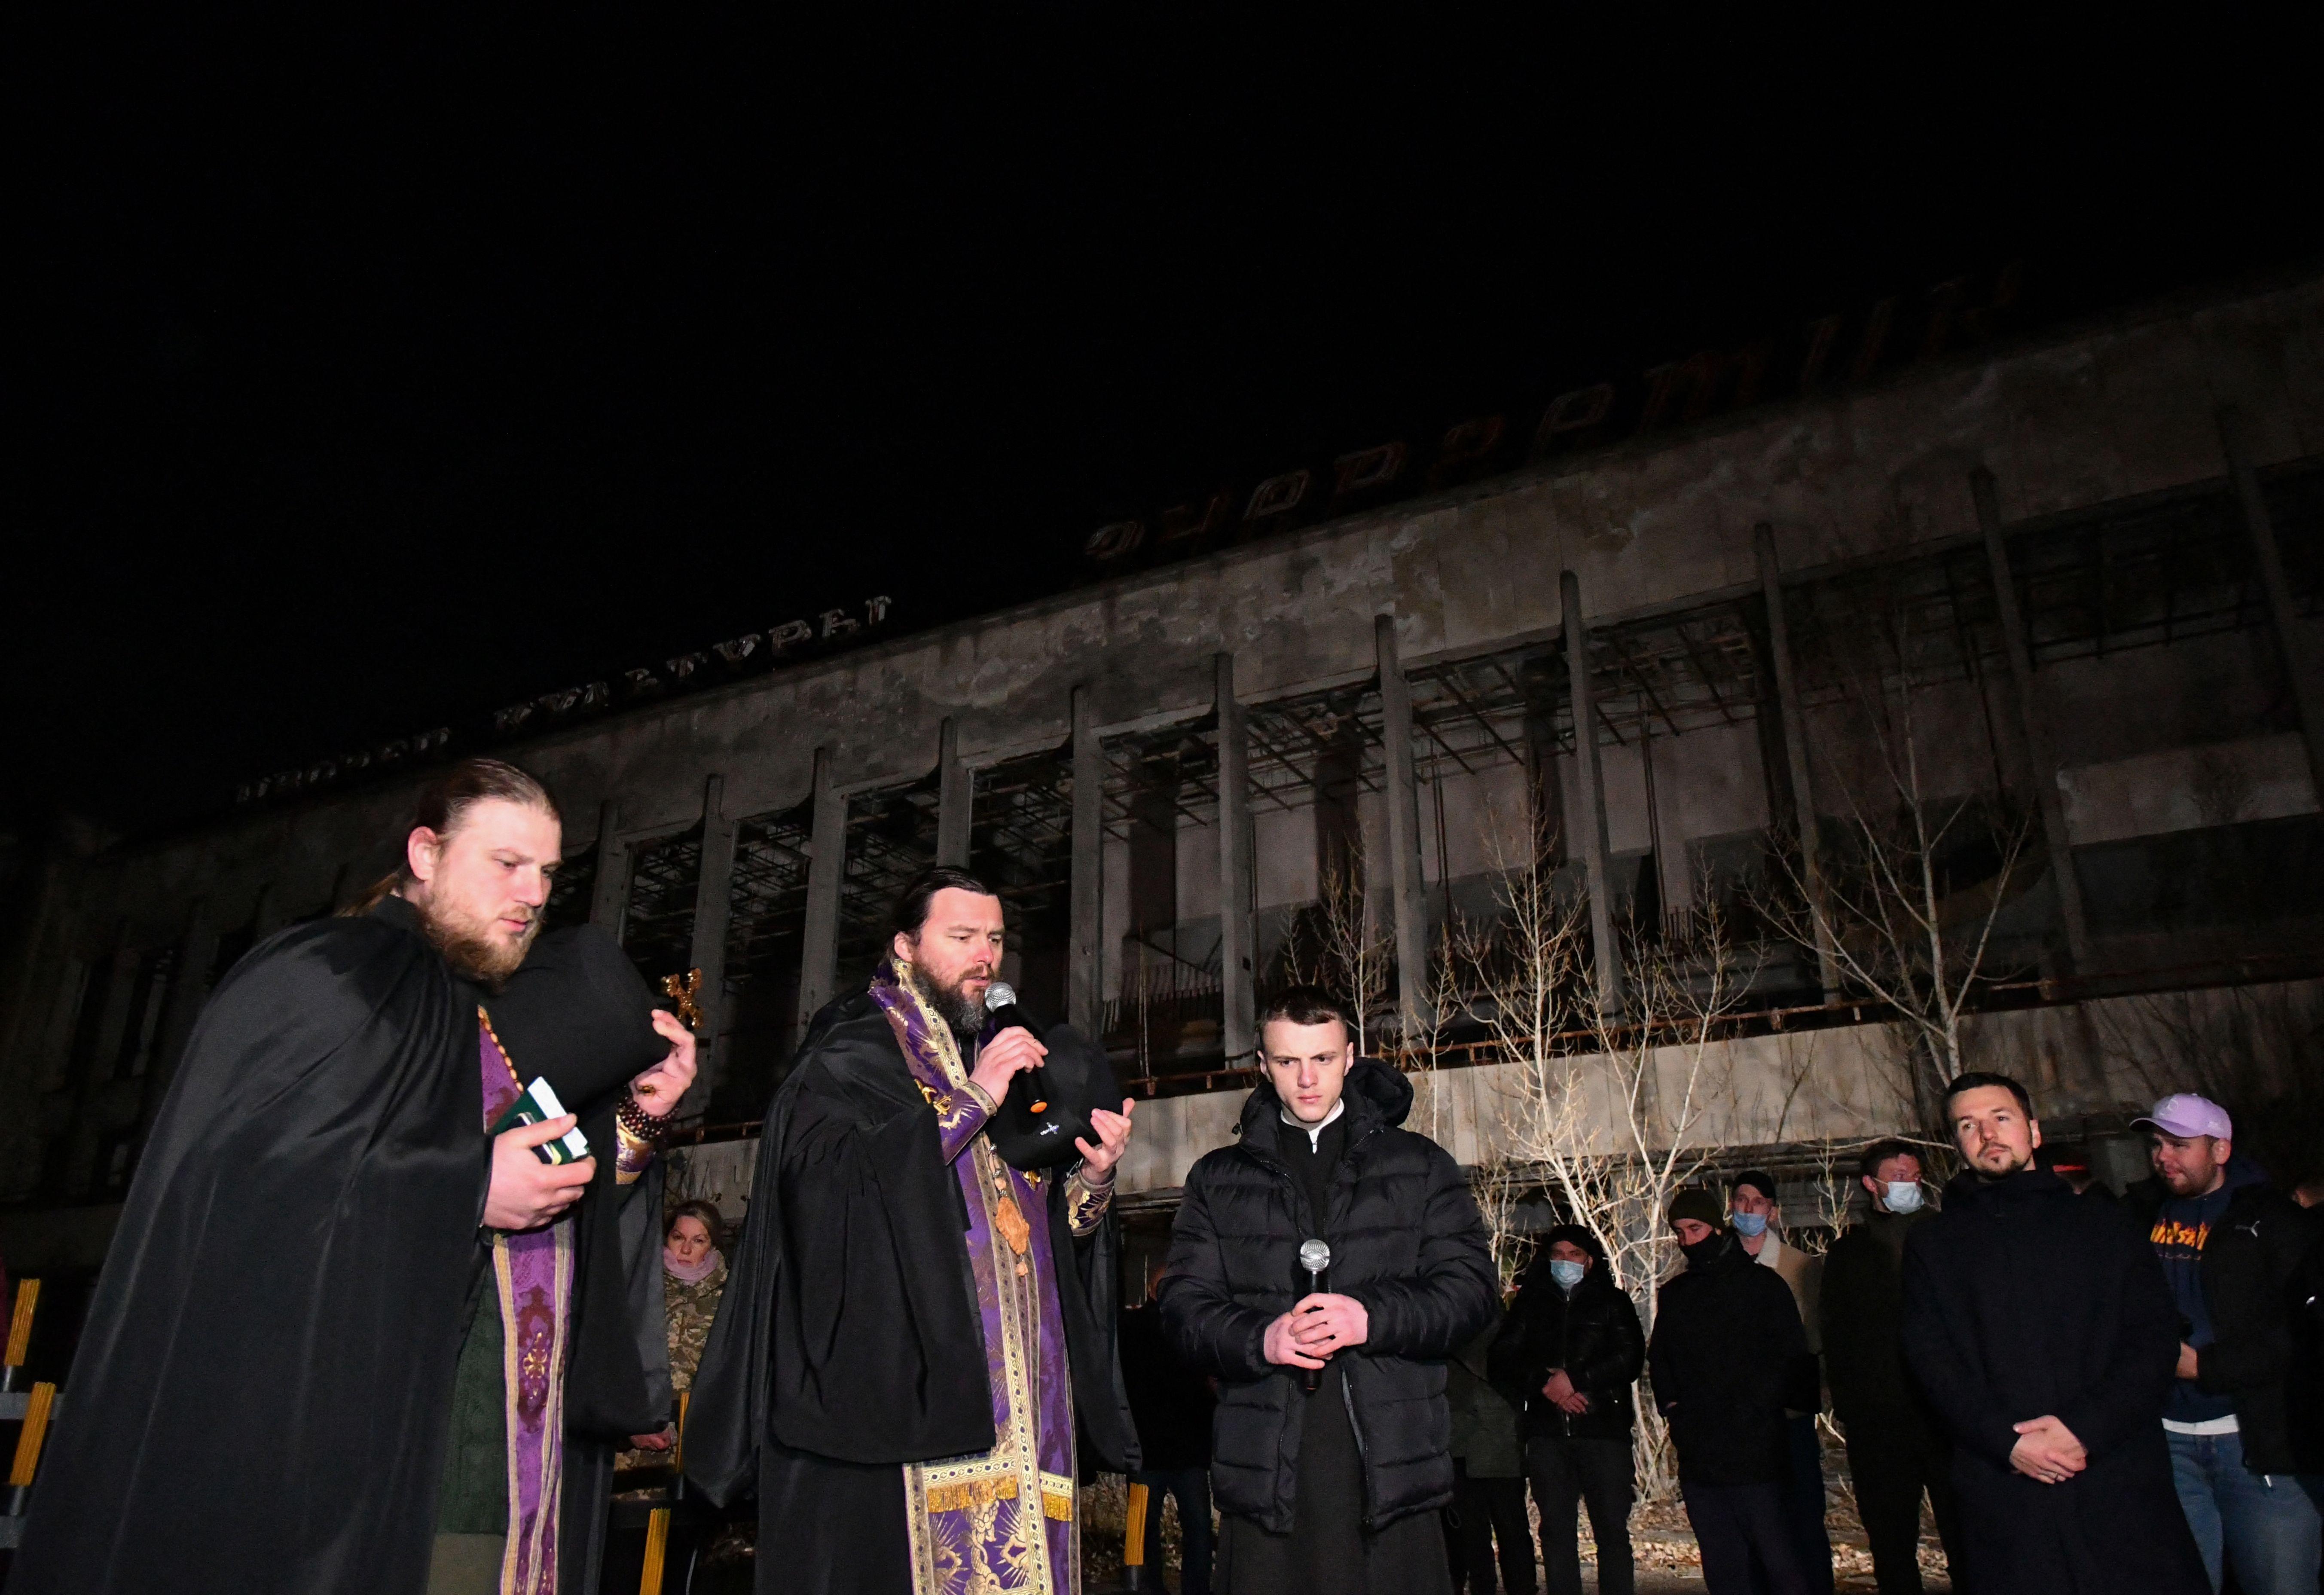 Pendeta ortodoks memimpin doa untuk korban tewas Chernobyl di alun-alun pusat kota Pripyat. Foto: Genya Savilov/AFP